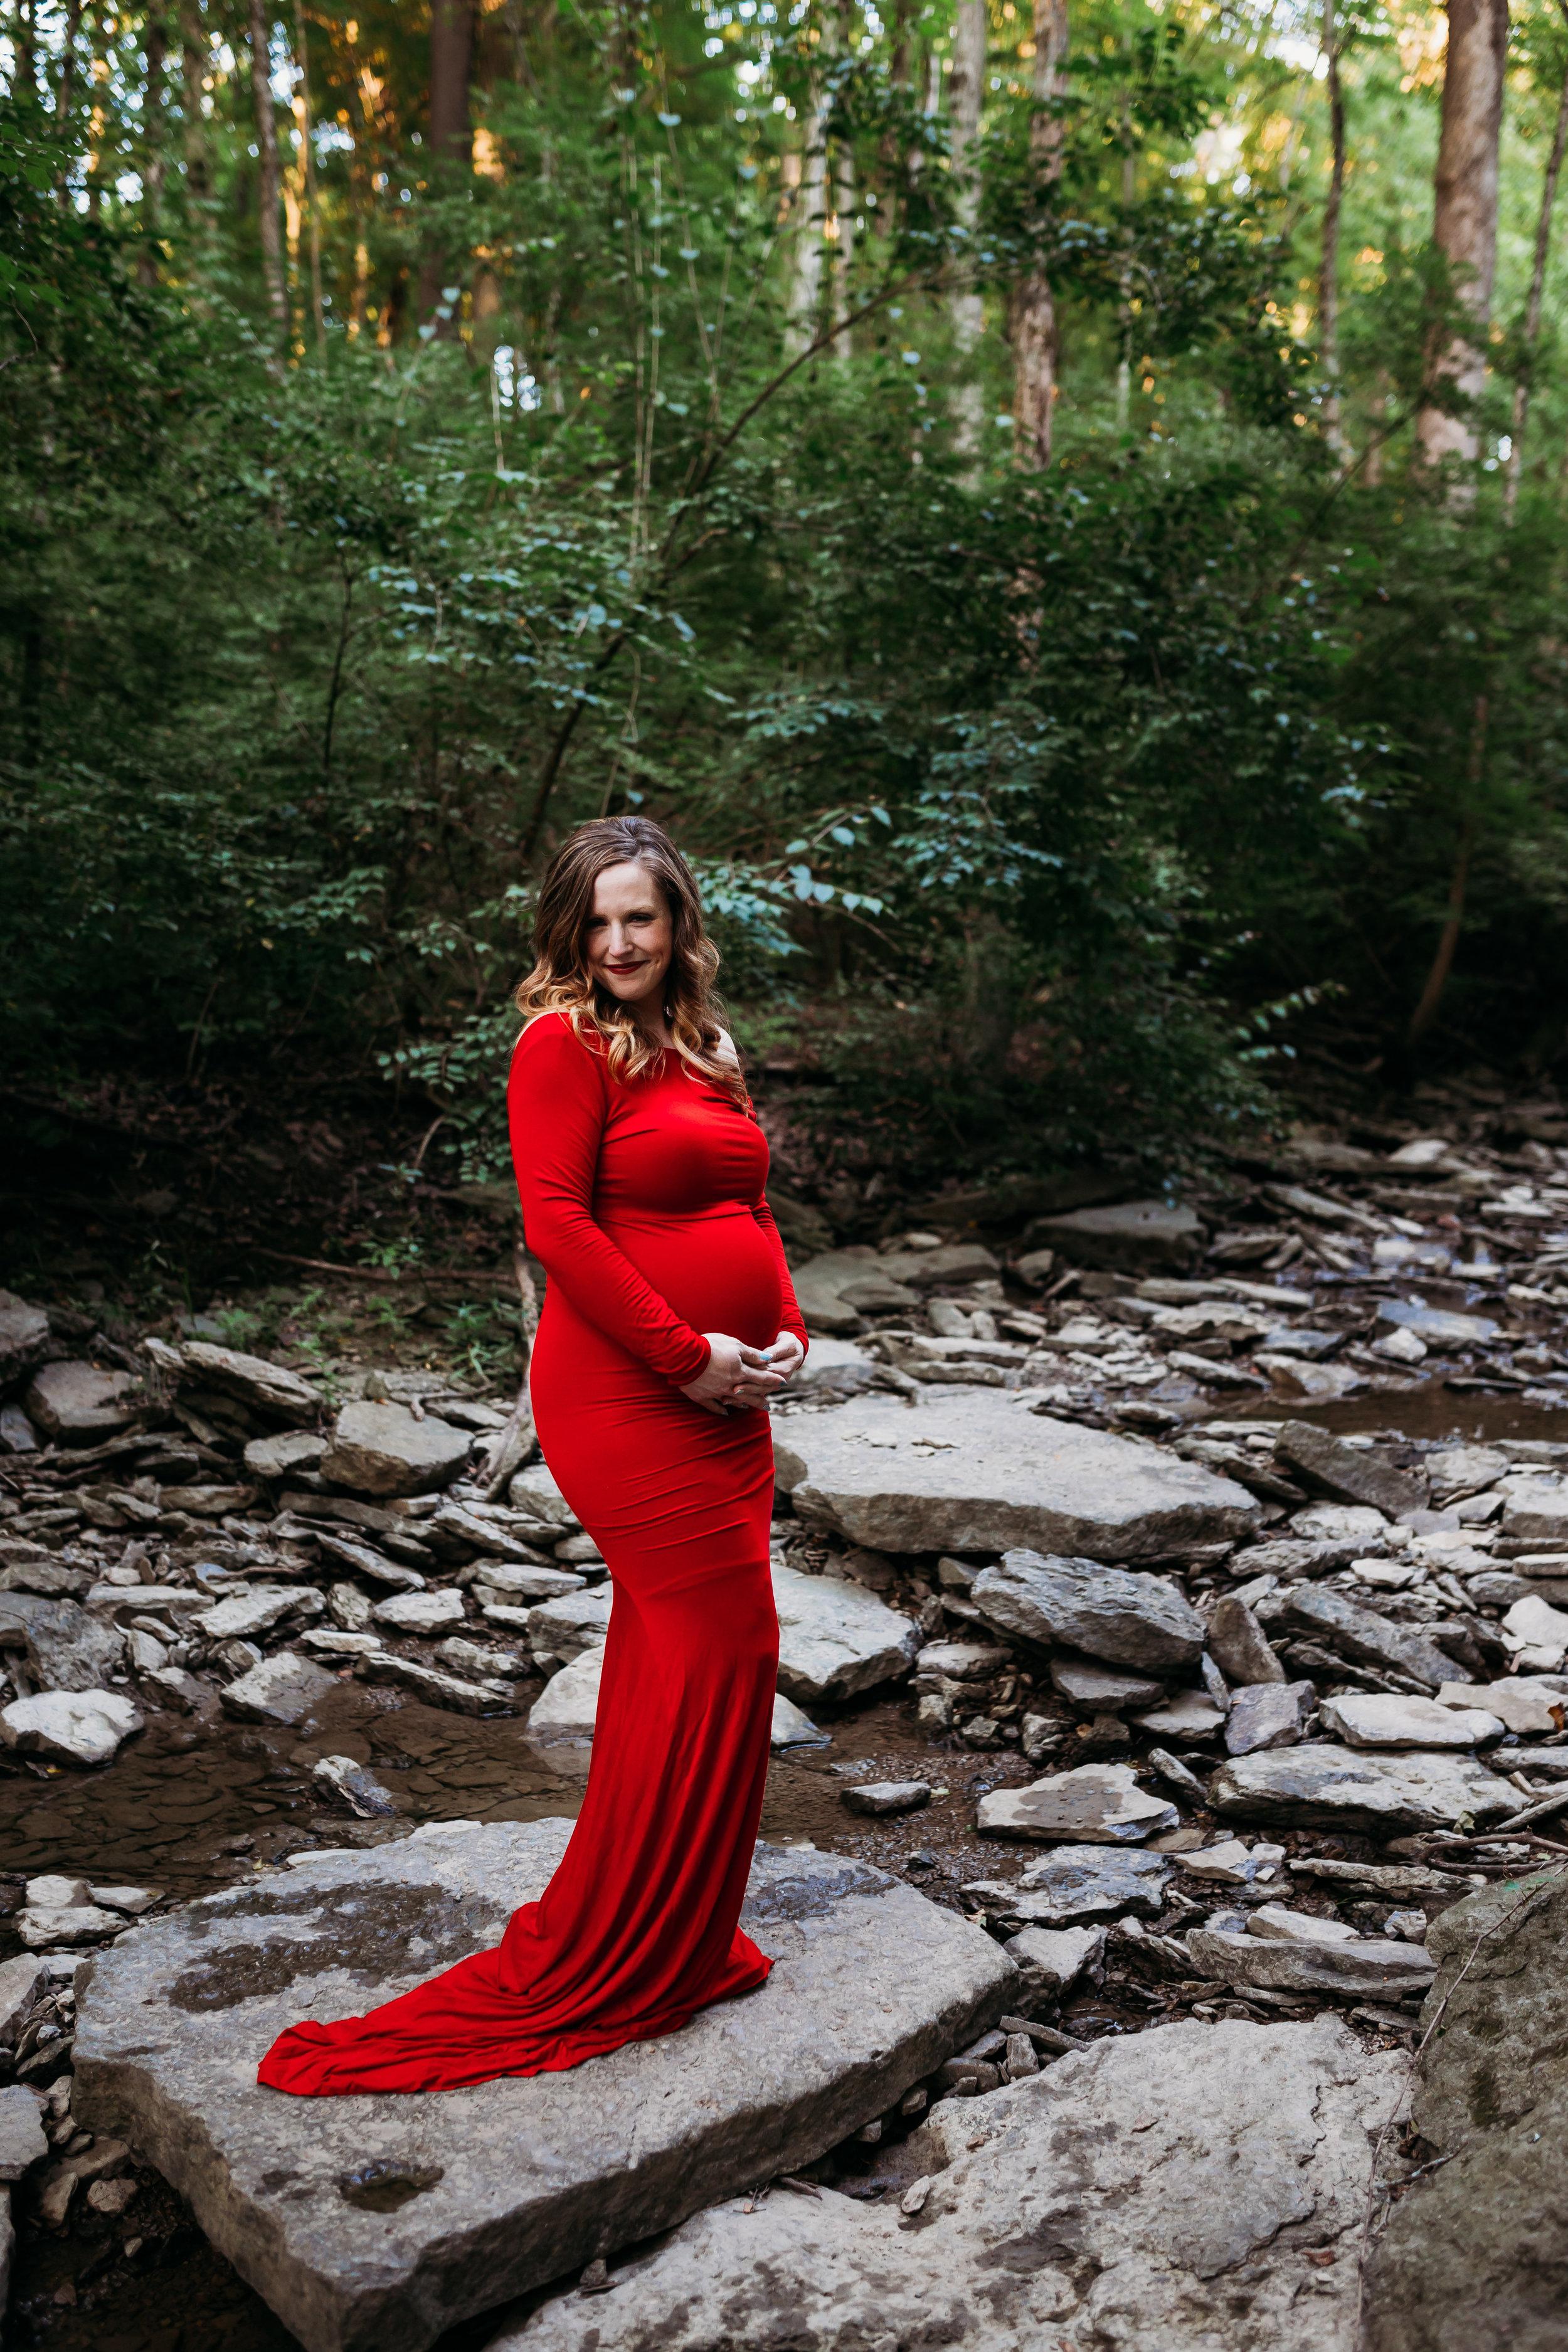 Lindsay_Morrison_Maternity14.jpg